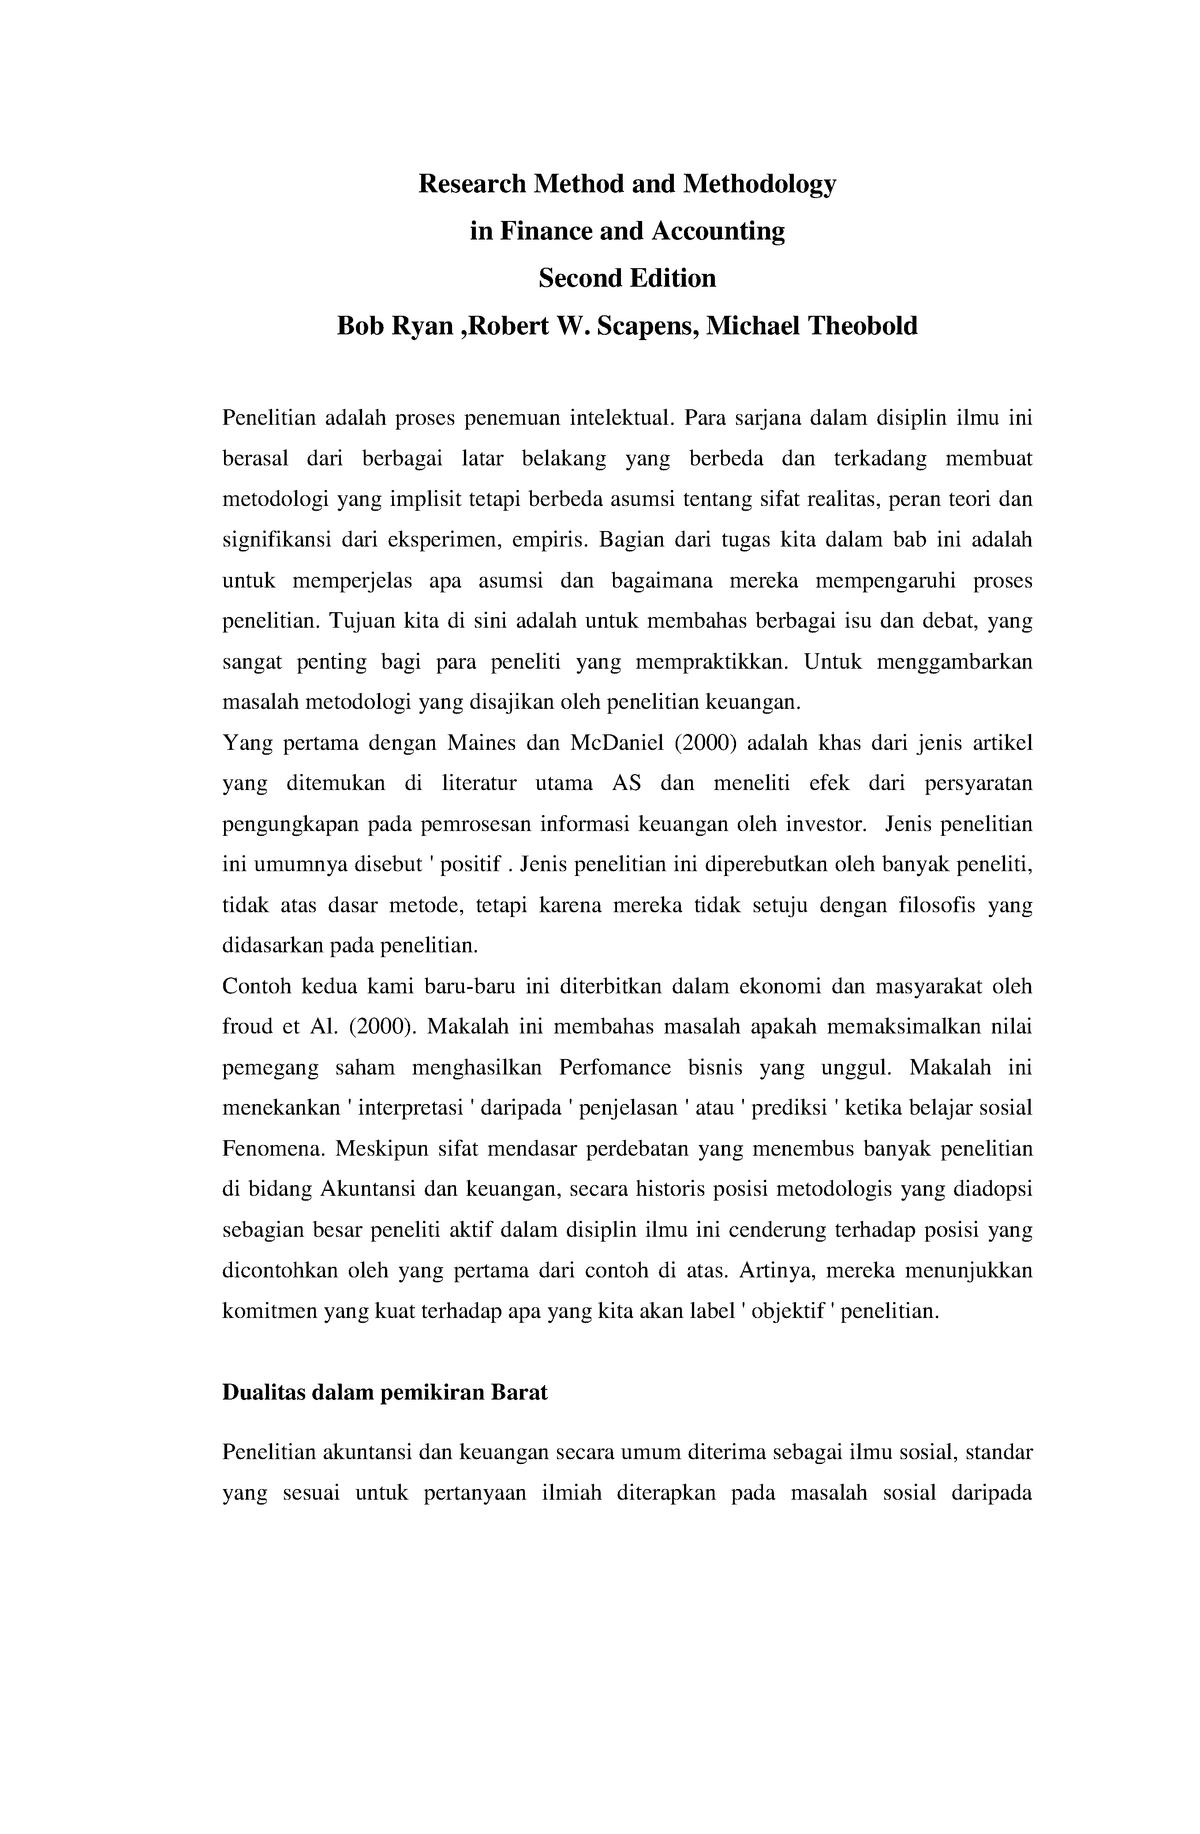 Contoh Penelitian Tentang Akuntansi Guru Ilmu Sosial